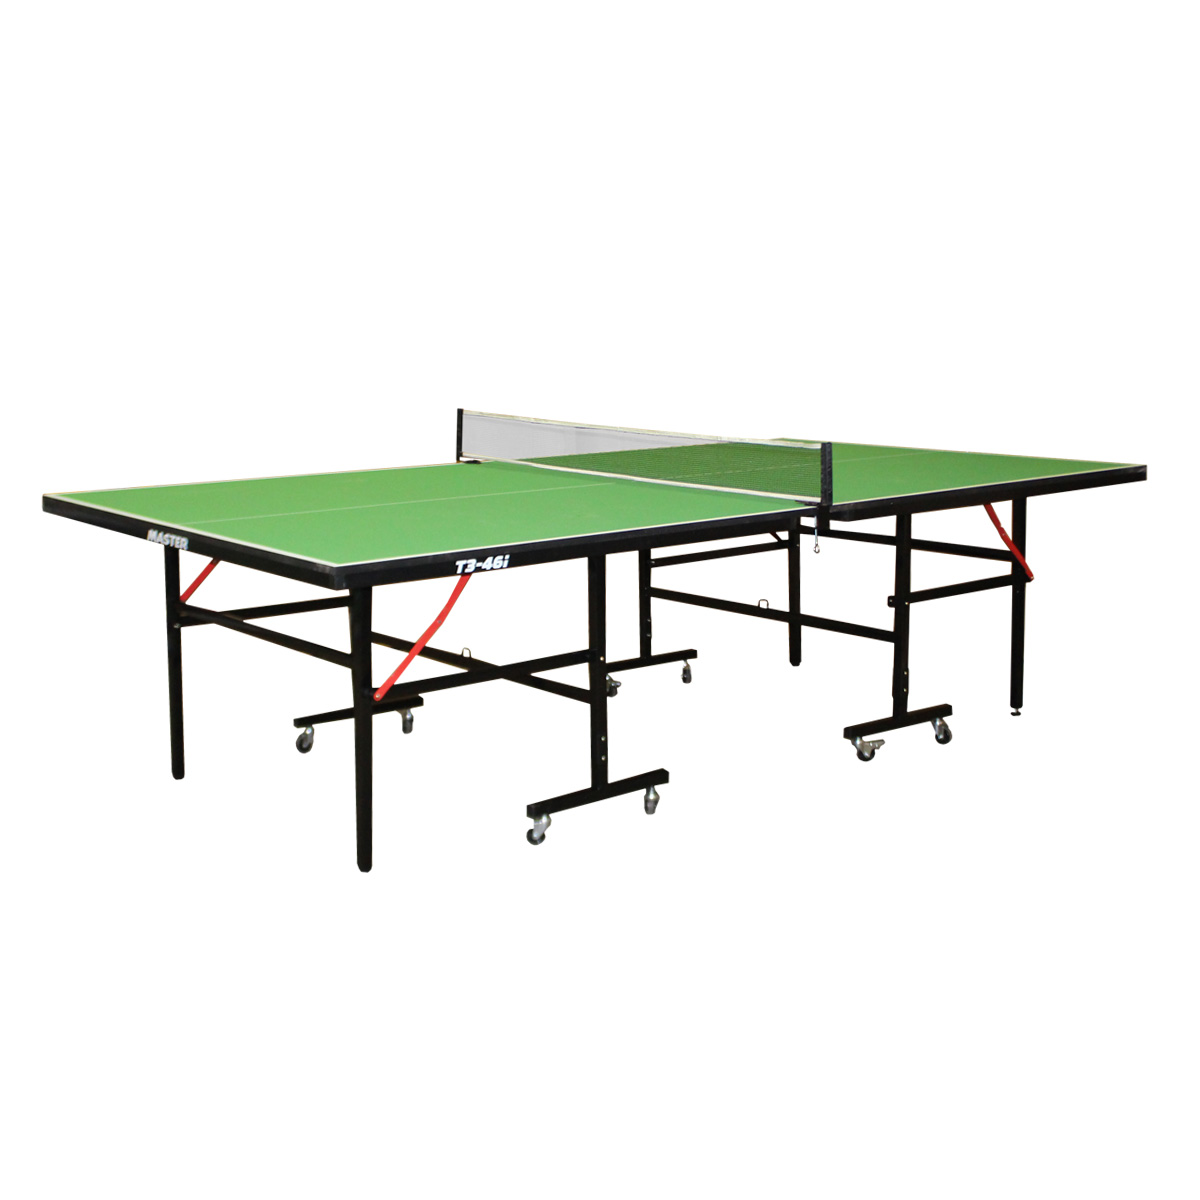 Stôl na stolný tenis MASTER T3-46i - zelený